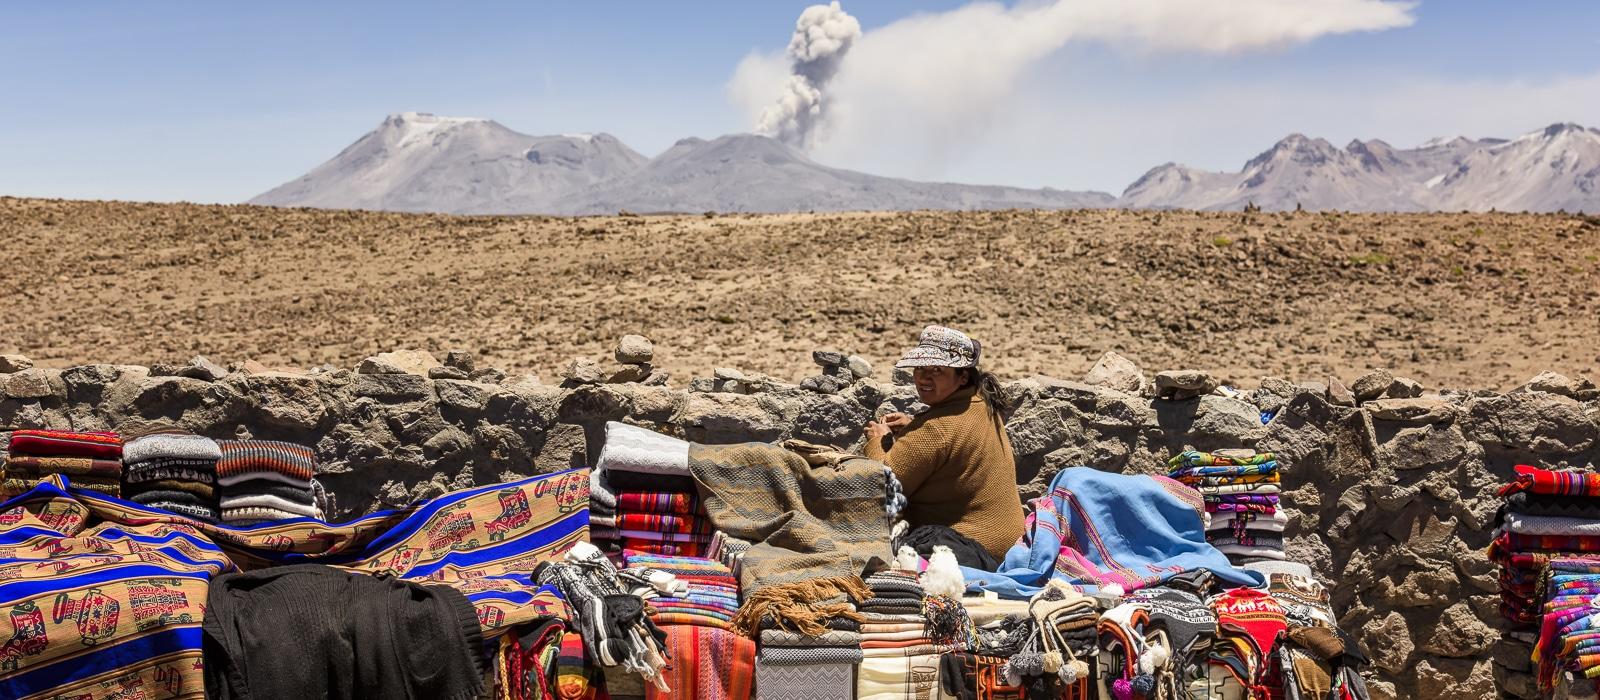 Entre Arequipa et le Canyon de Colca, Pérou - Voyage organisé en petit groupe offert par l'agence de voyage Les routes du Monde